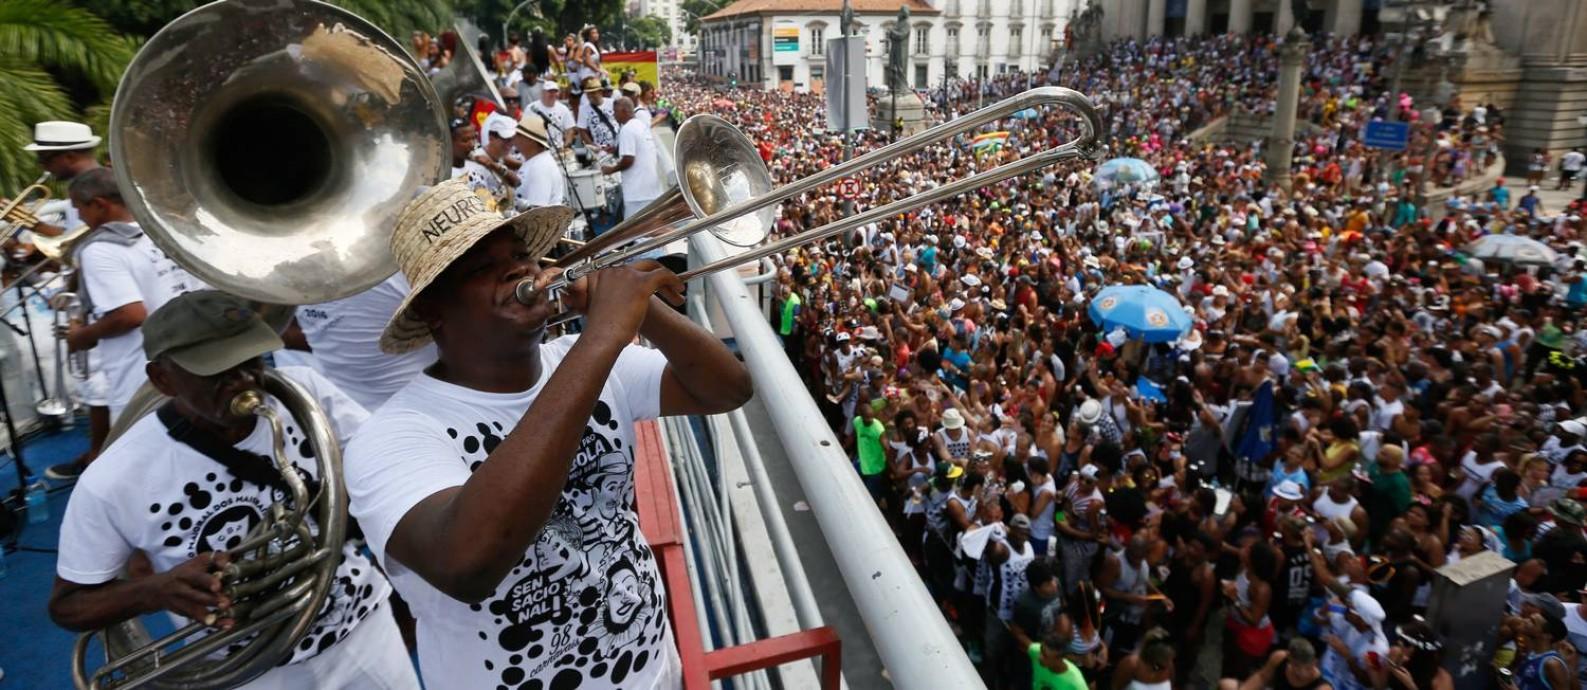 Foliões no Cordão da Bola Preta Foto: Pablo Jacob / Agência O Globo